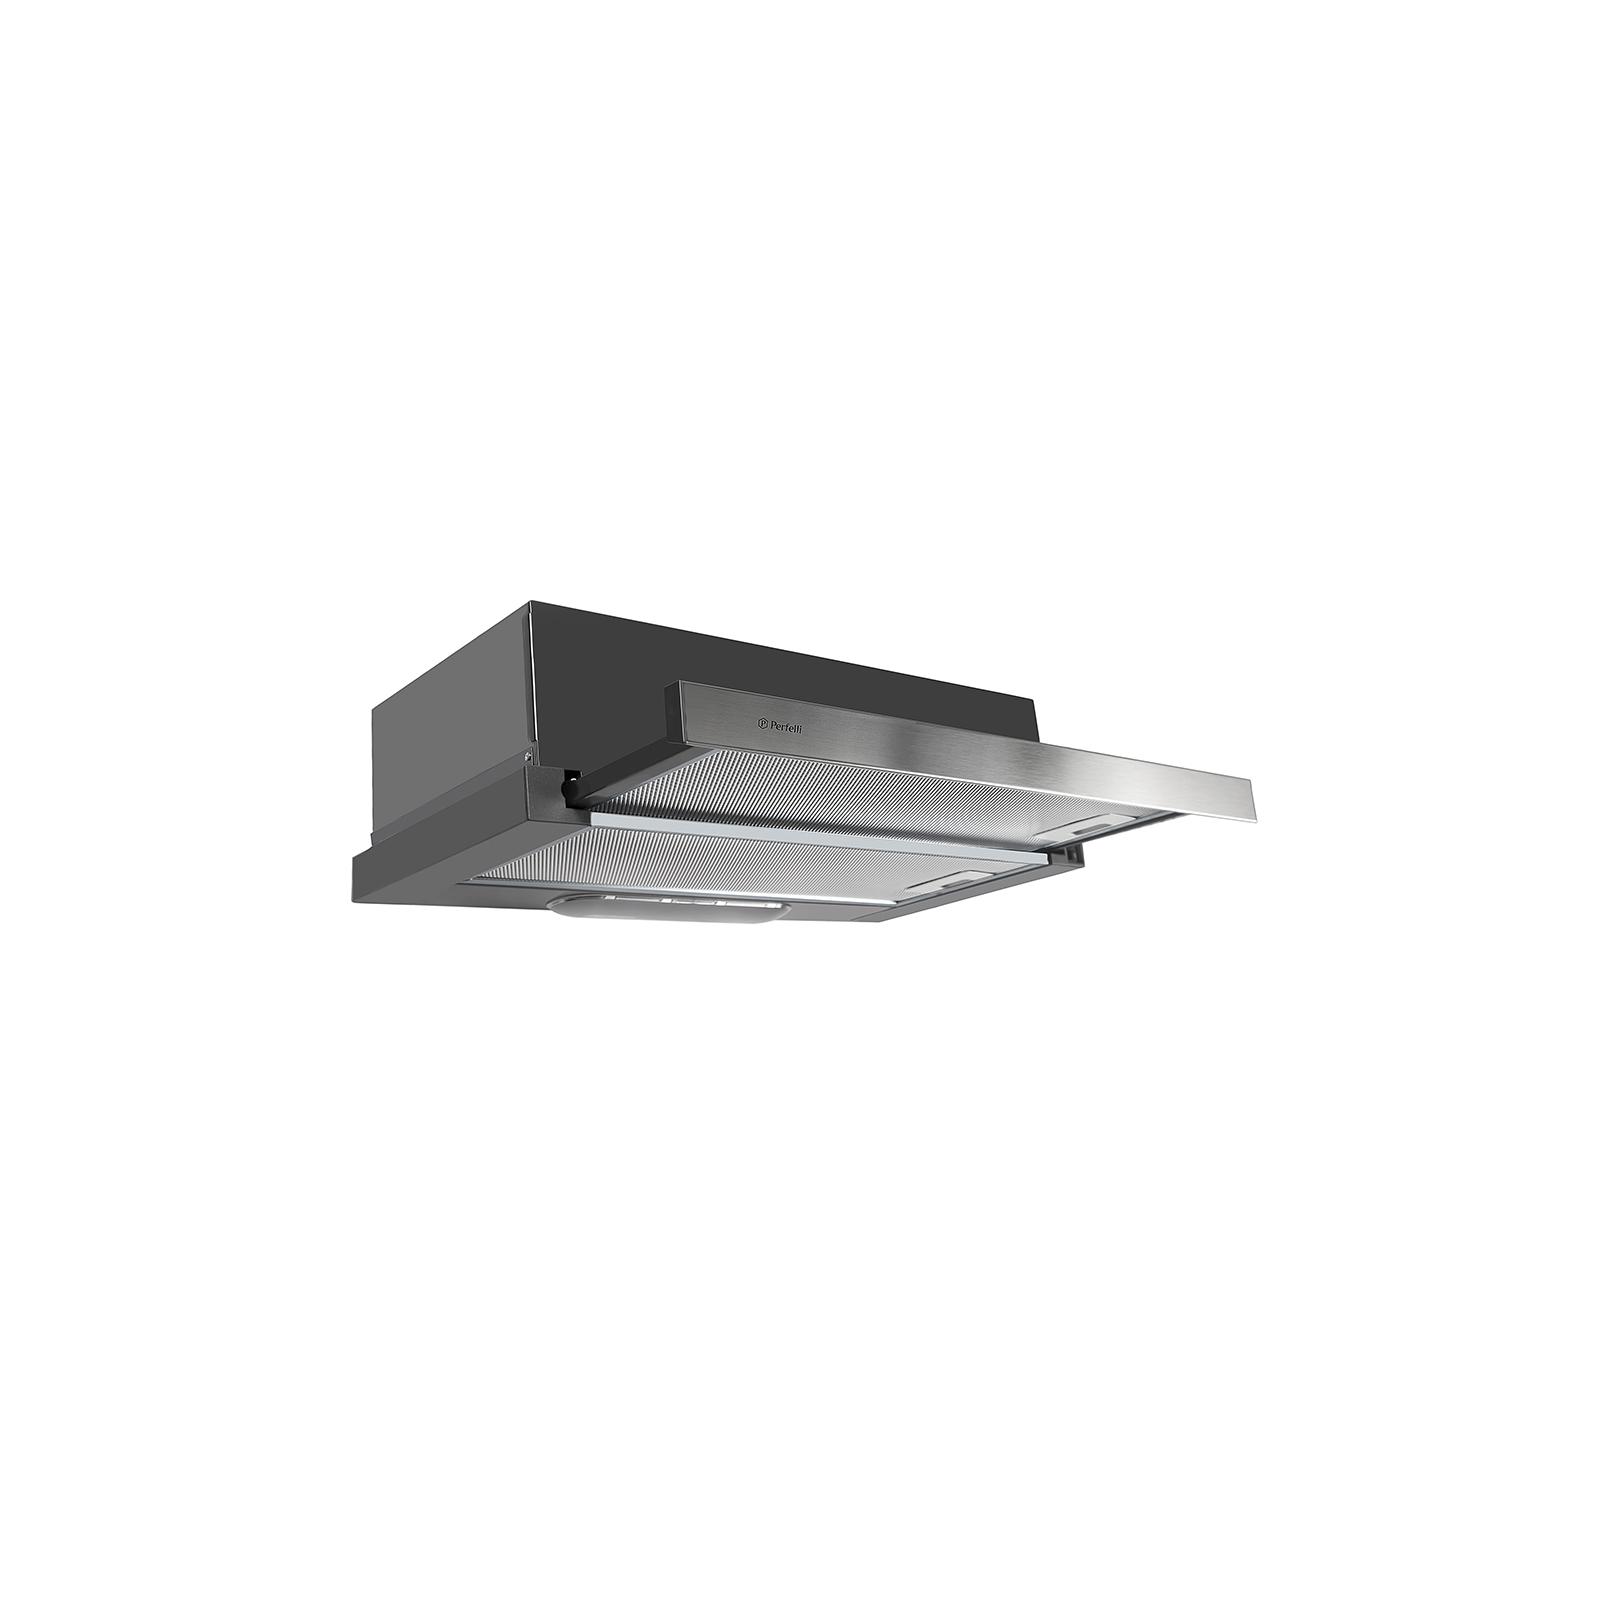 Вытяжка кухонная PERFELLI TL 6410 I